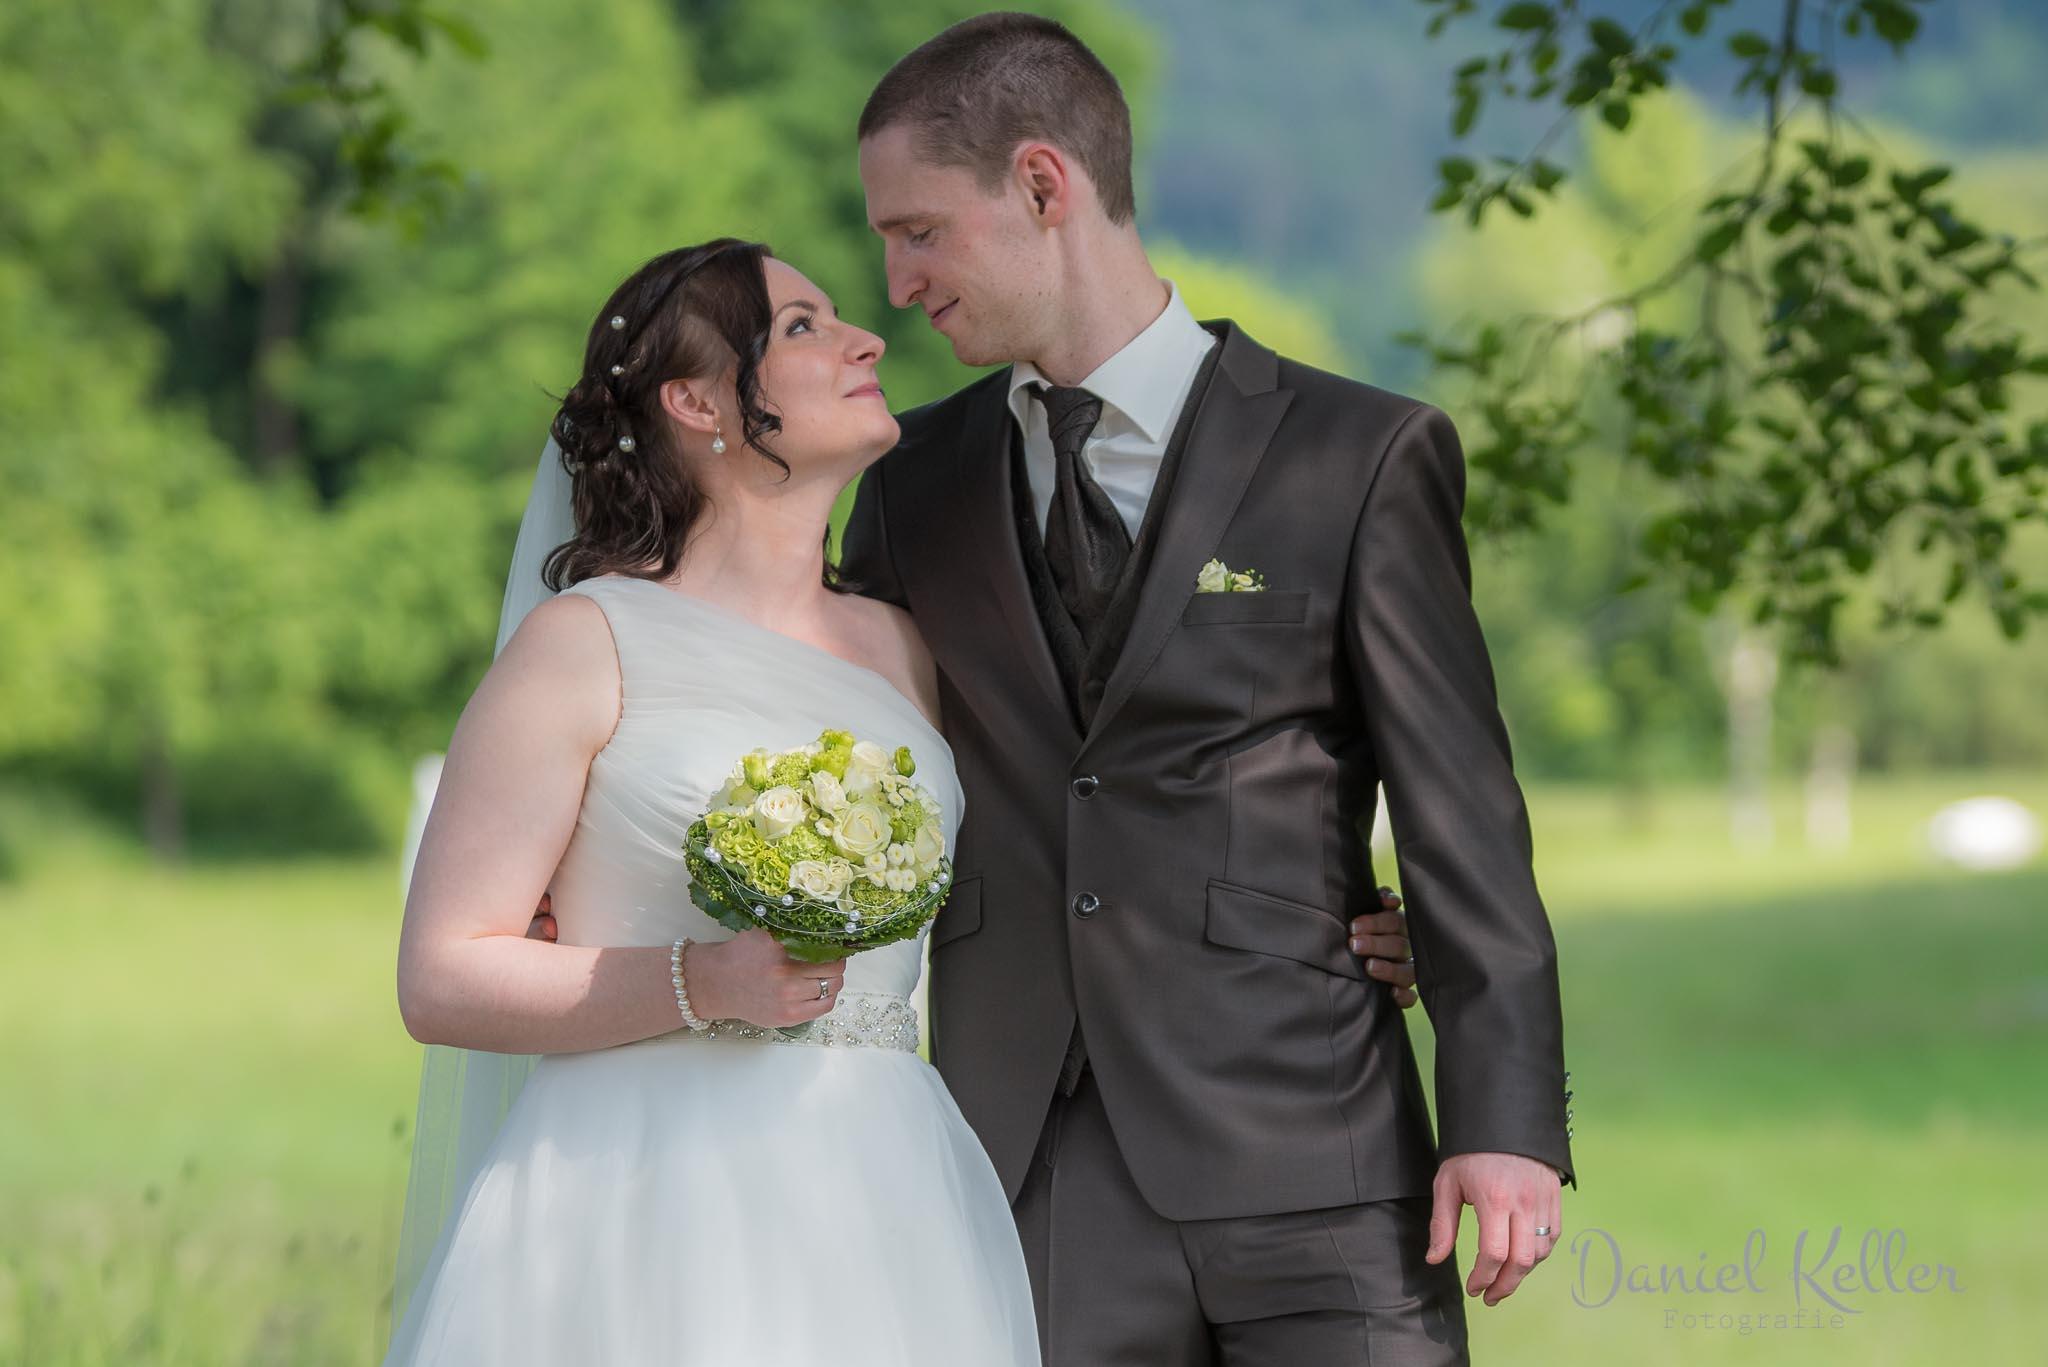 Hochzeitsfotograf Offenburg Daniel Keller Skulpturenpark Offenburg Durbach